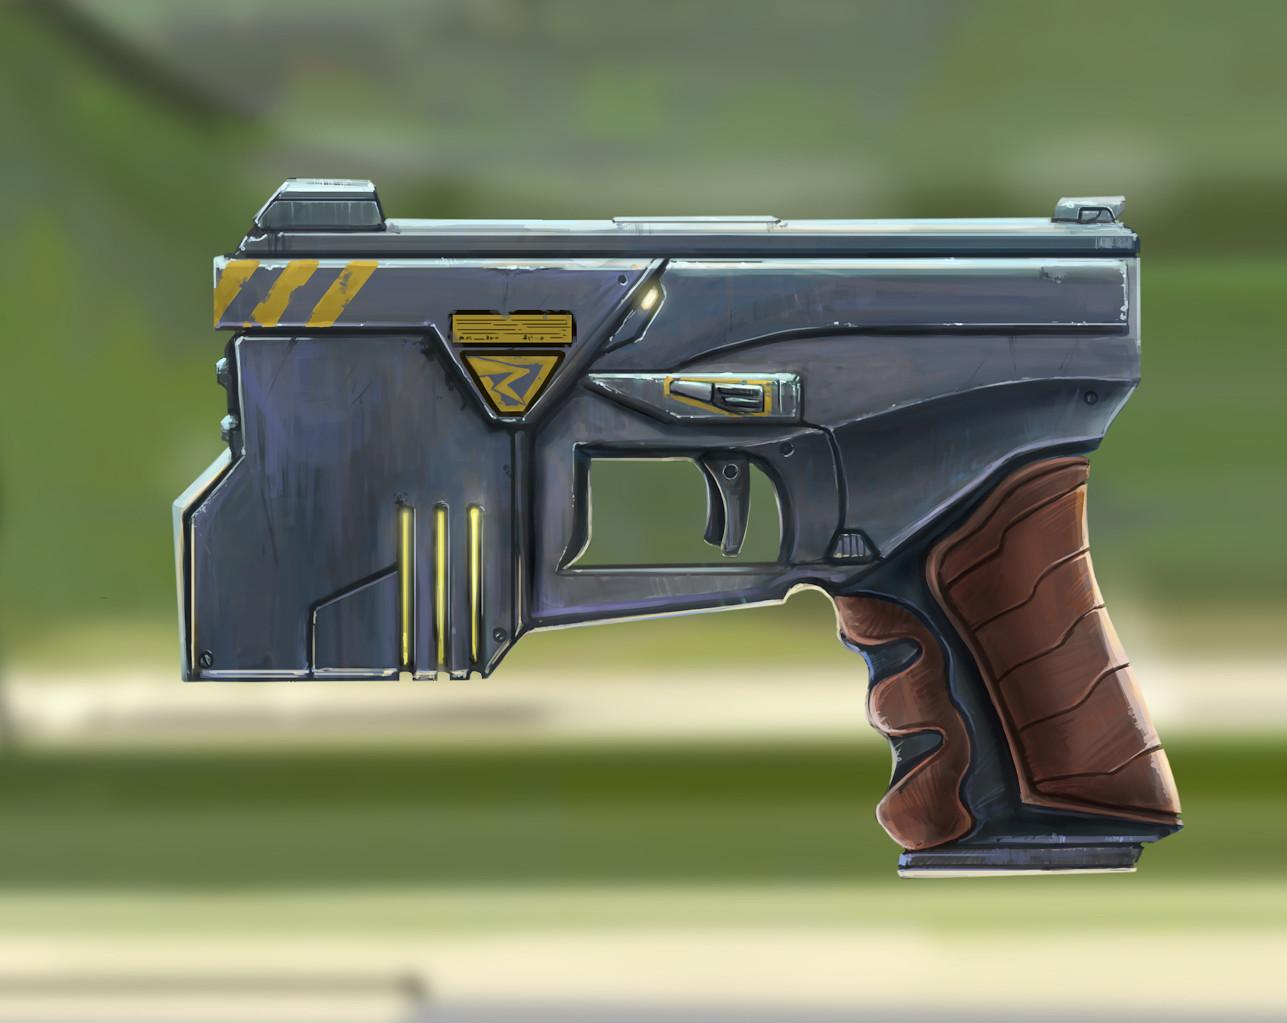 Cyberpunk shock pistol